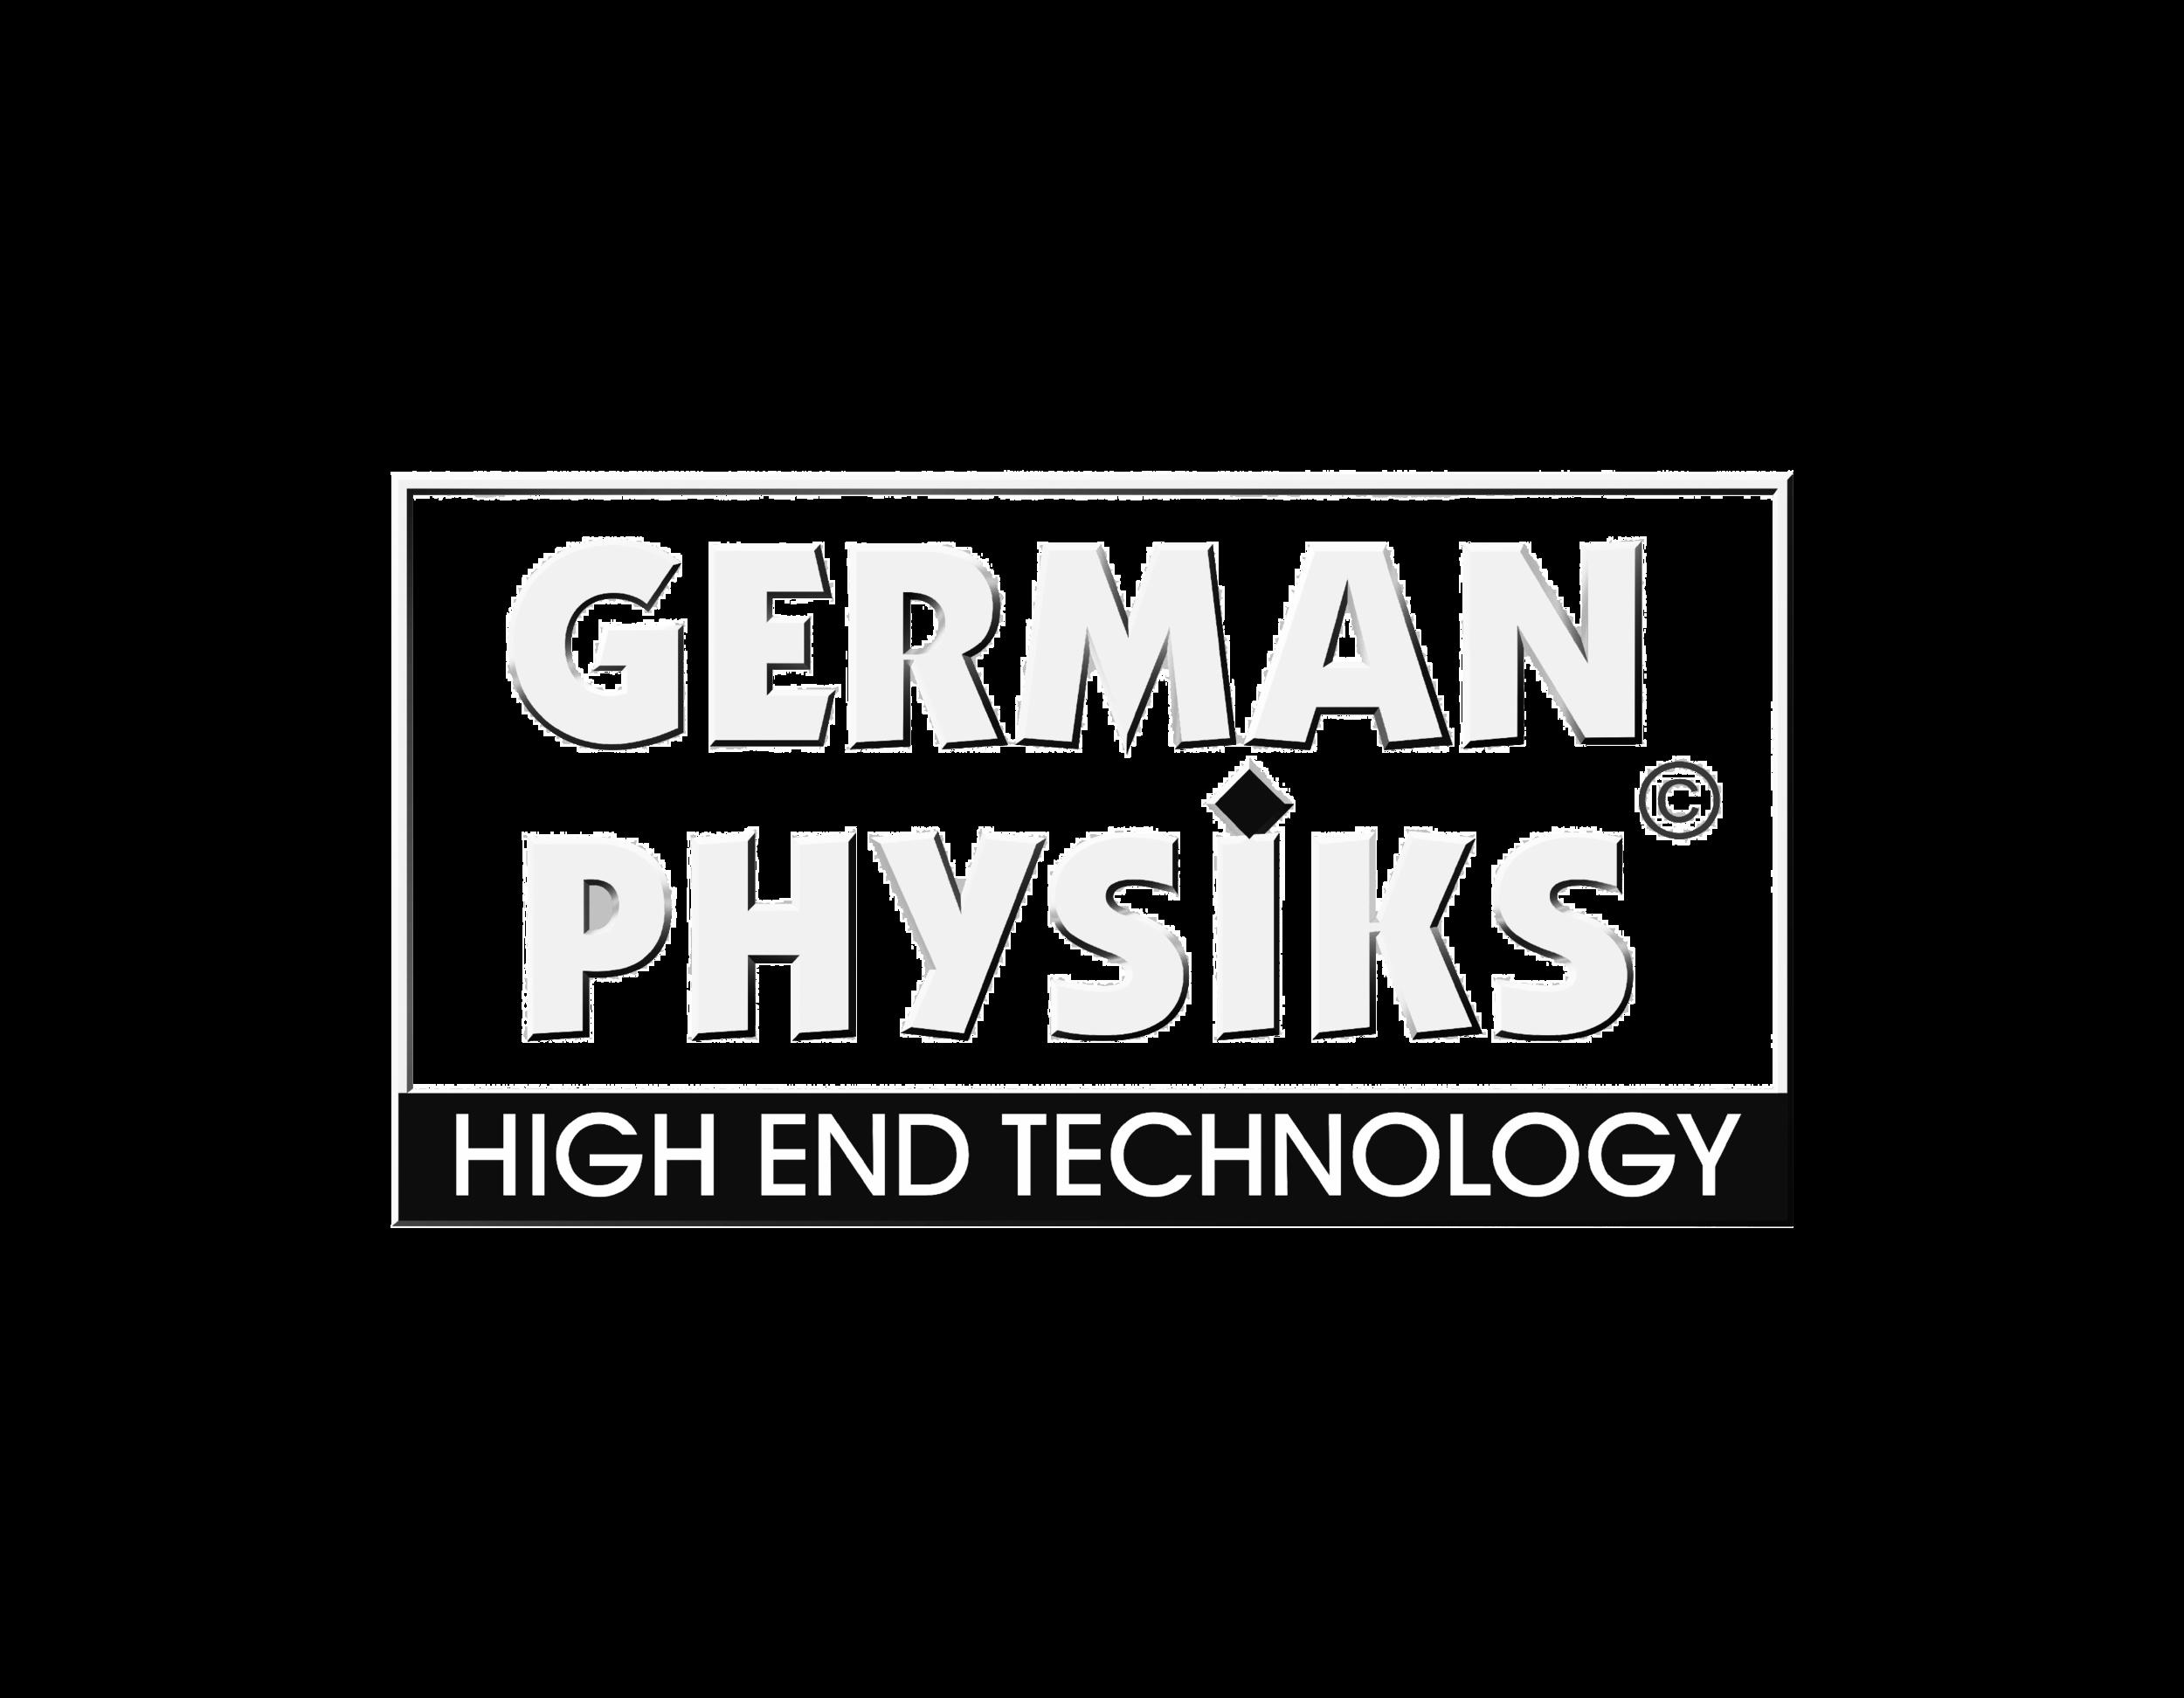 German Physiks Loudspeakers